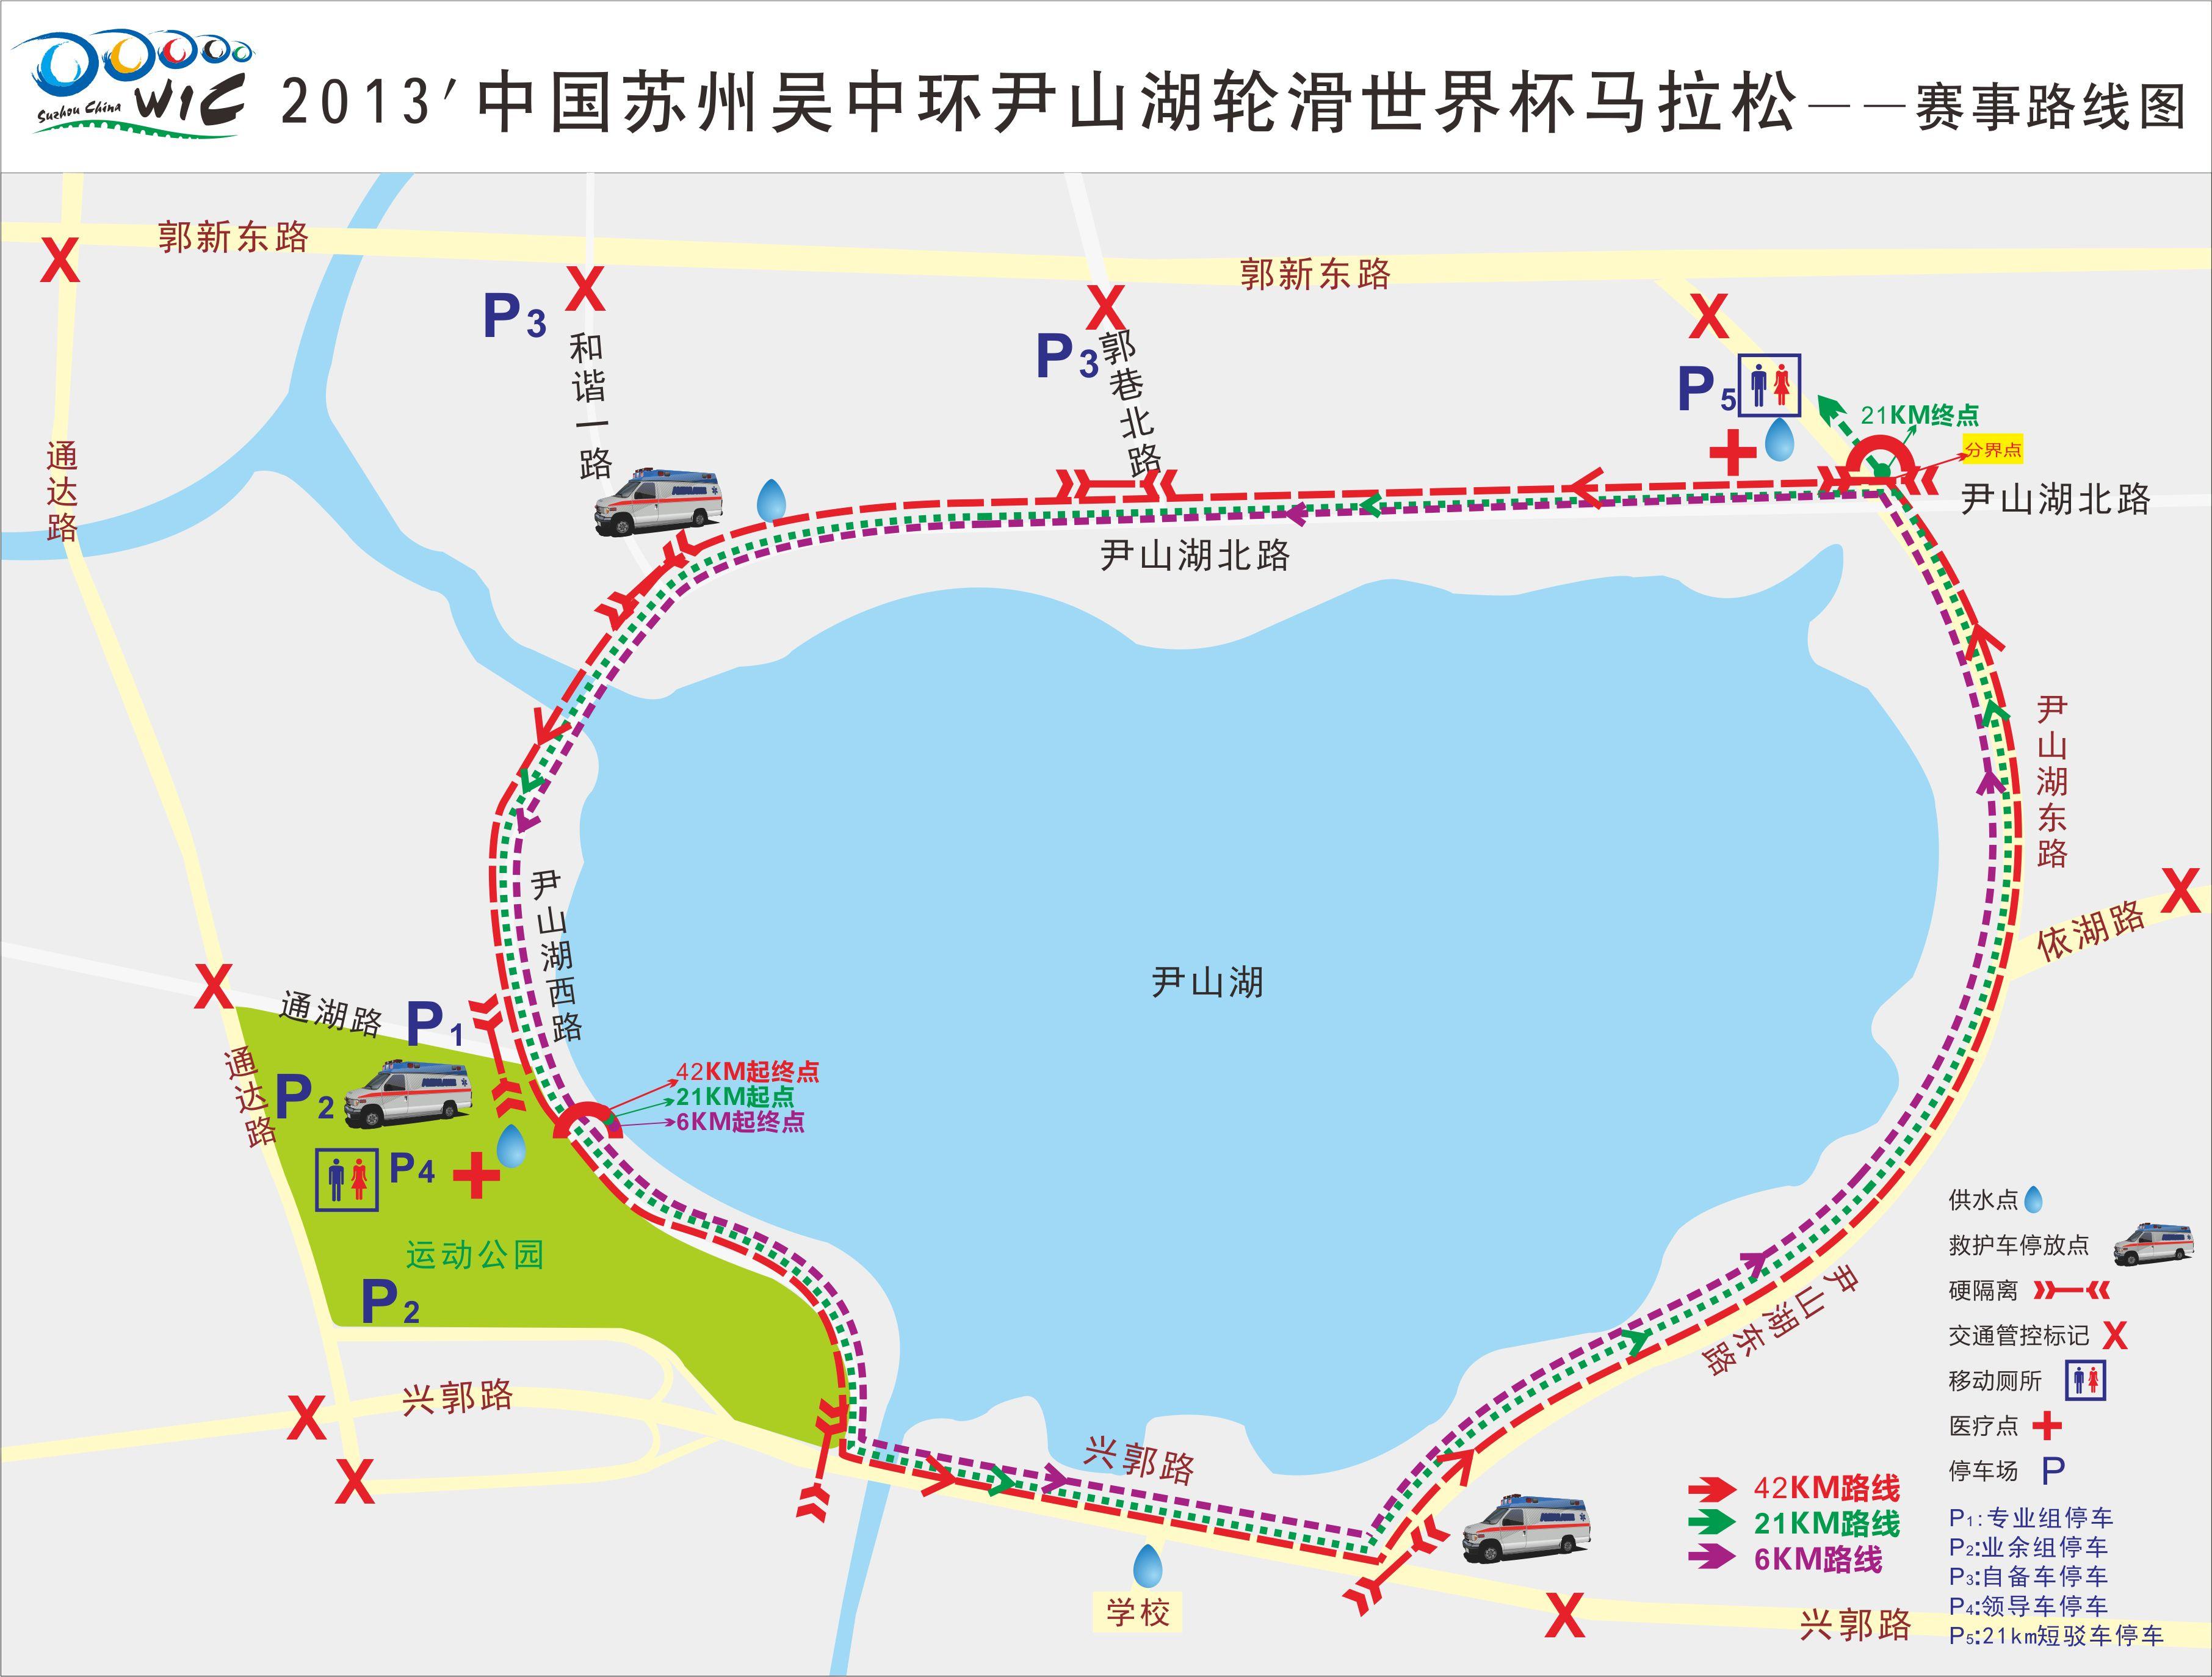 2013苏州吴环尹山湖滑世界杯马拉松赛搜狐